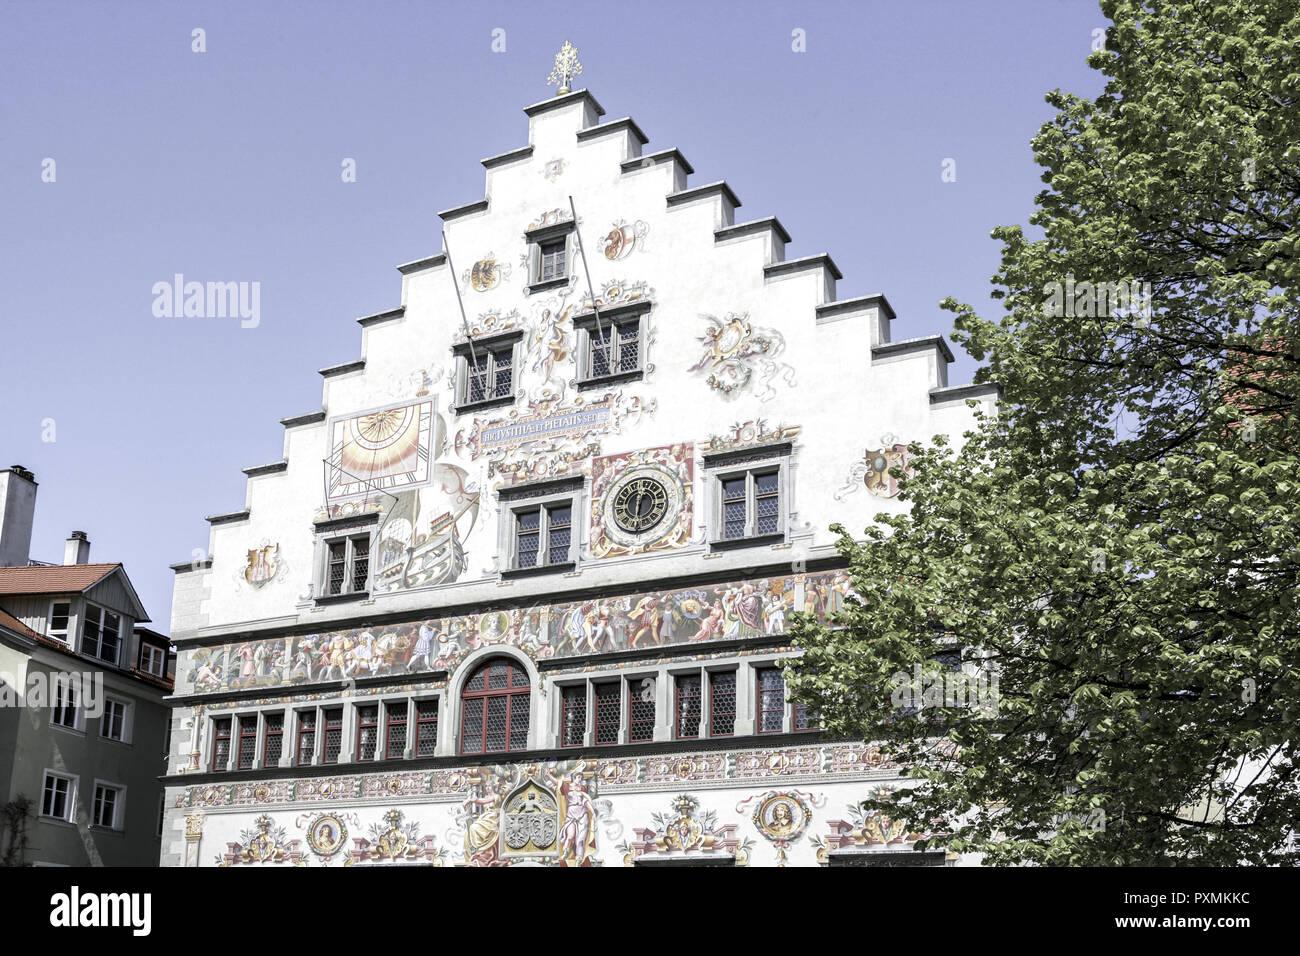 Deutschland, Bodensee, Europa, Oberschwaebische Barockstrasse, Stadt, Sehenswuerdigkeit, Tourismus, Lindau, Altes Rathaus, Detail, Reichsplatz, Giebel - Stock Image